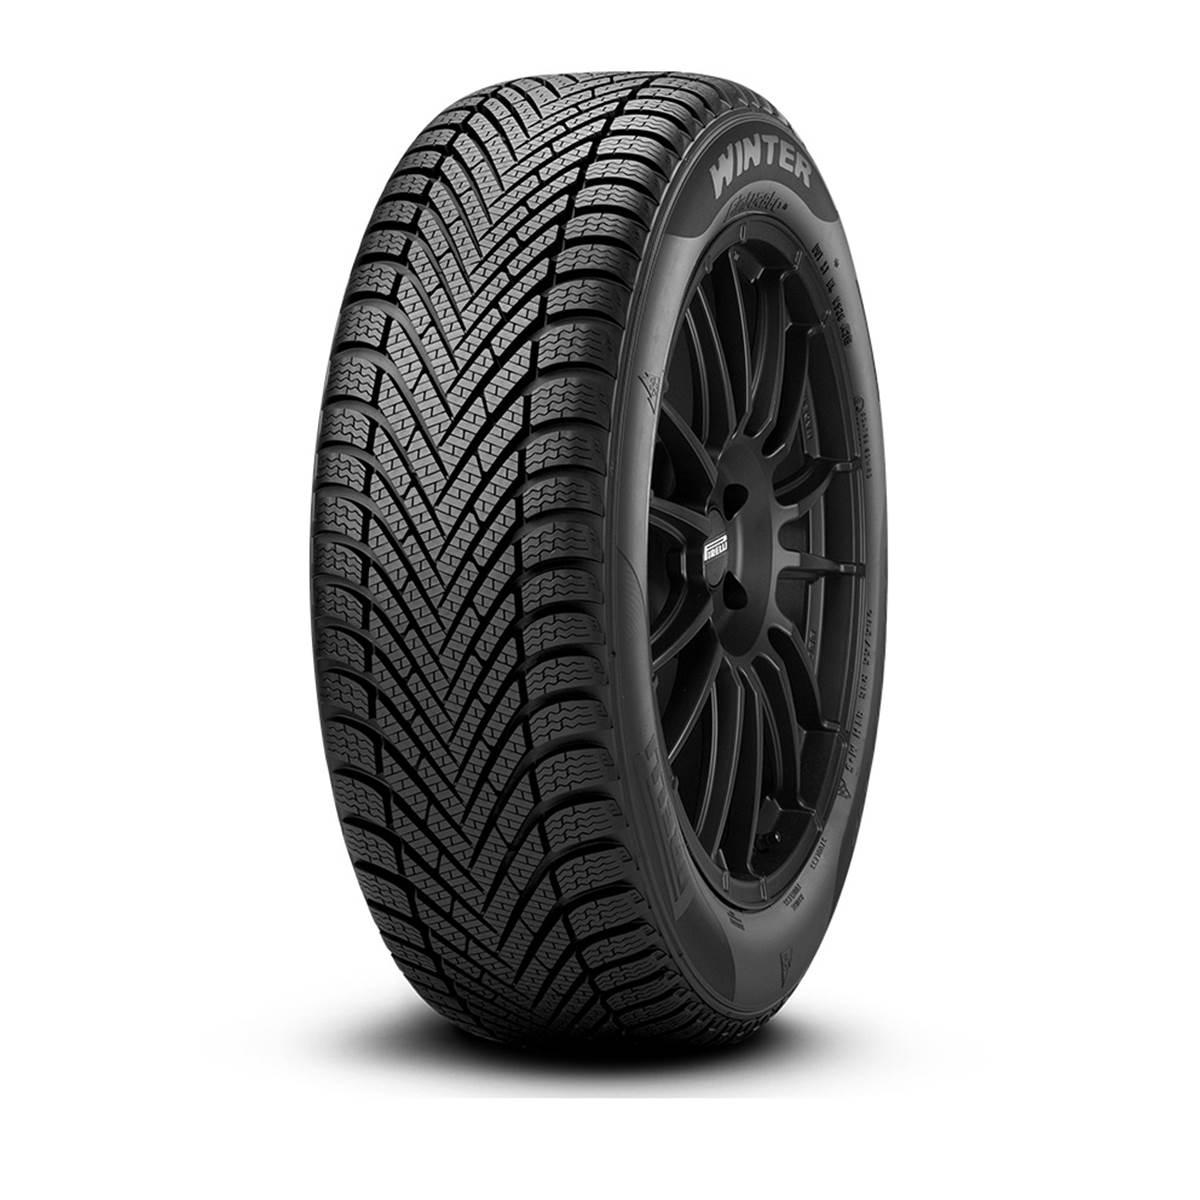 Pneu Hiver Pirelli 205/65R15 94T Cinturato Winter